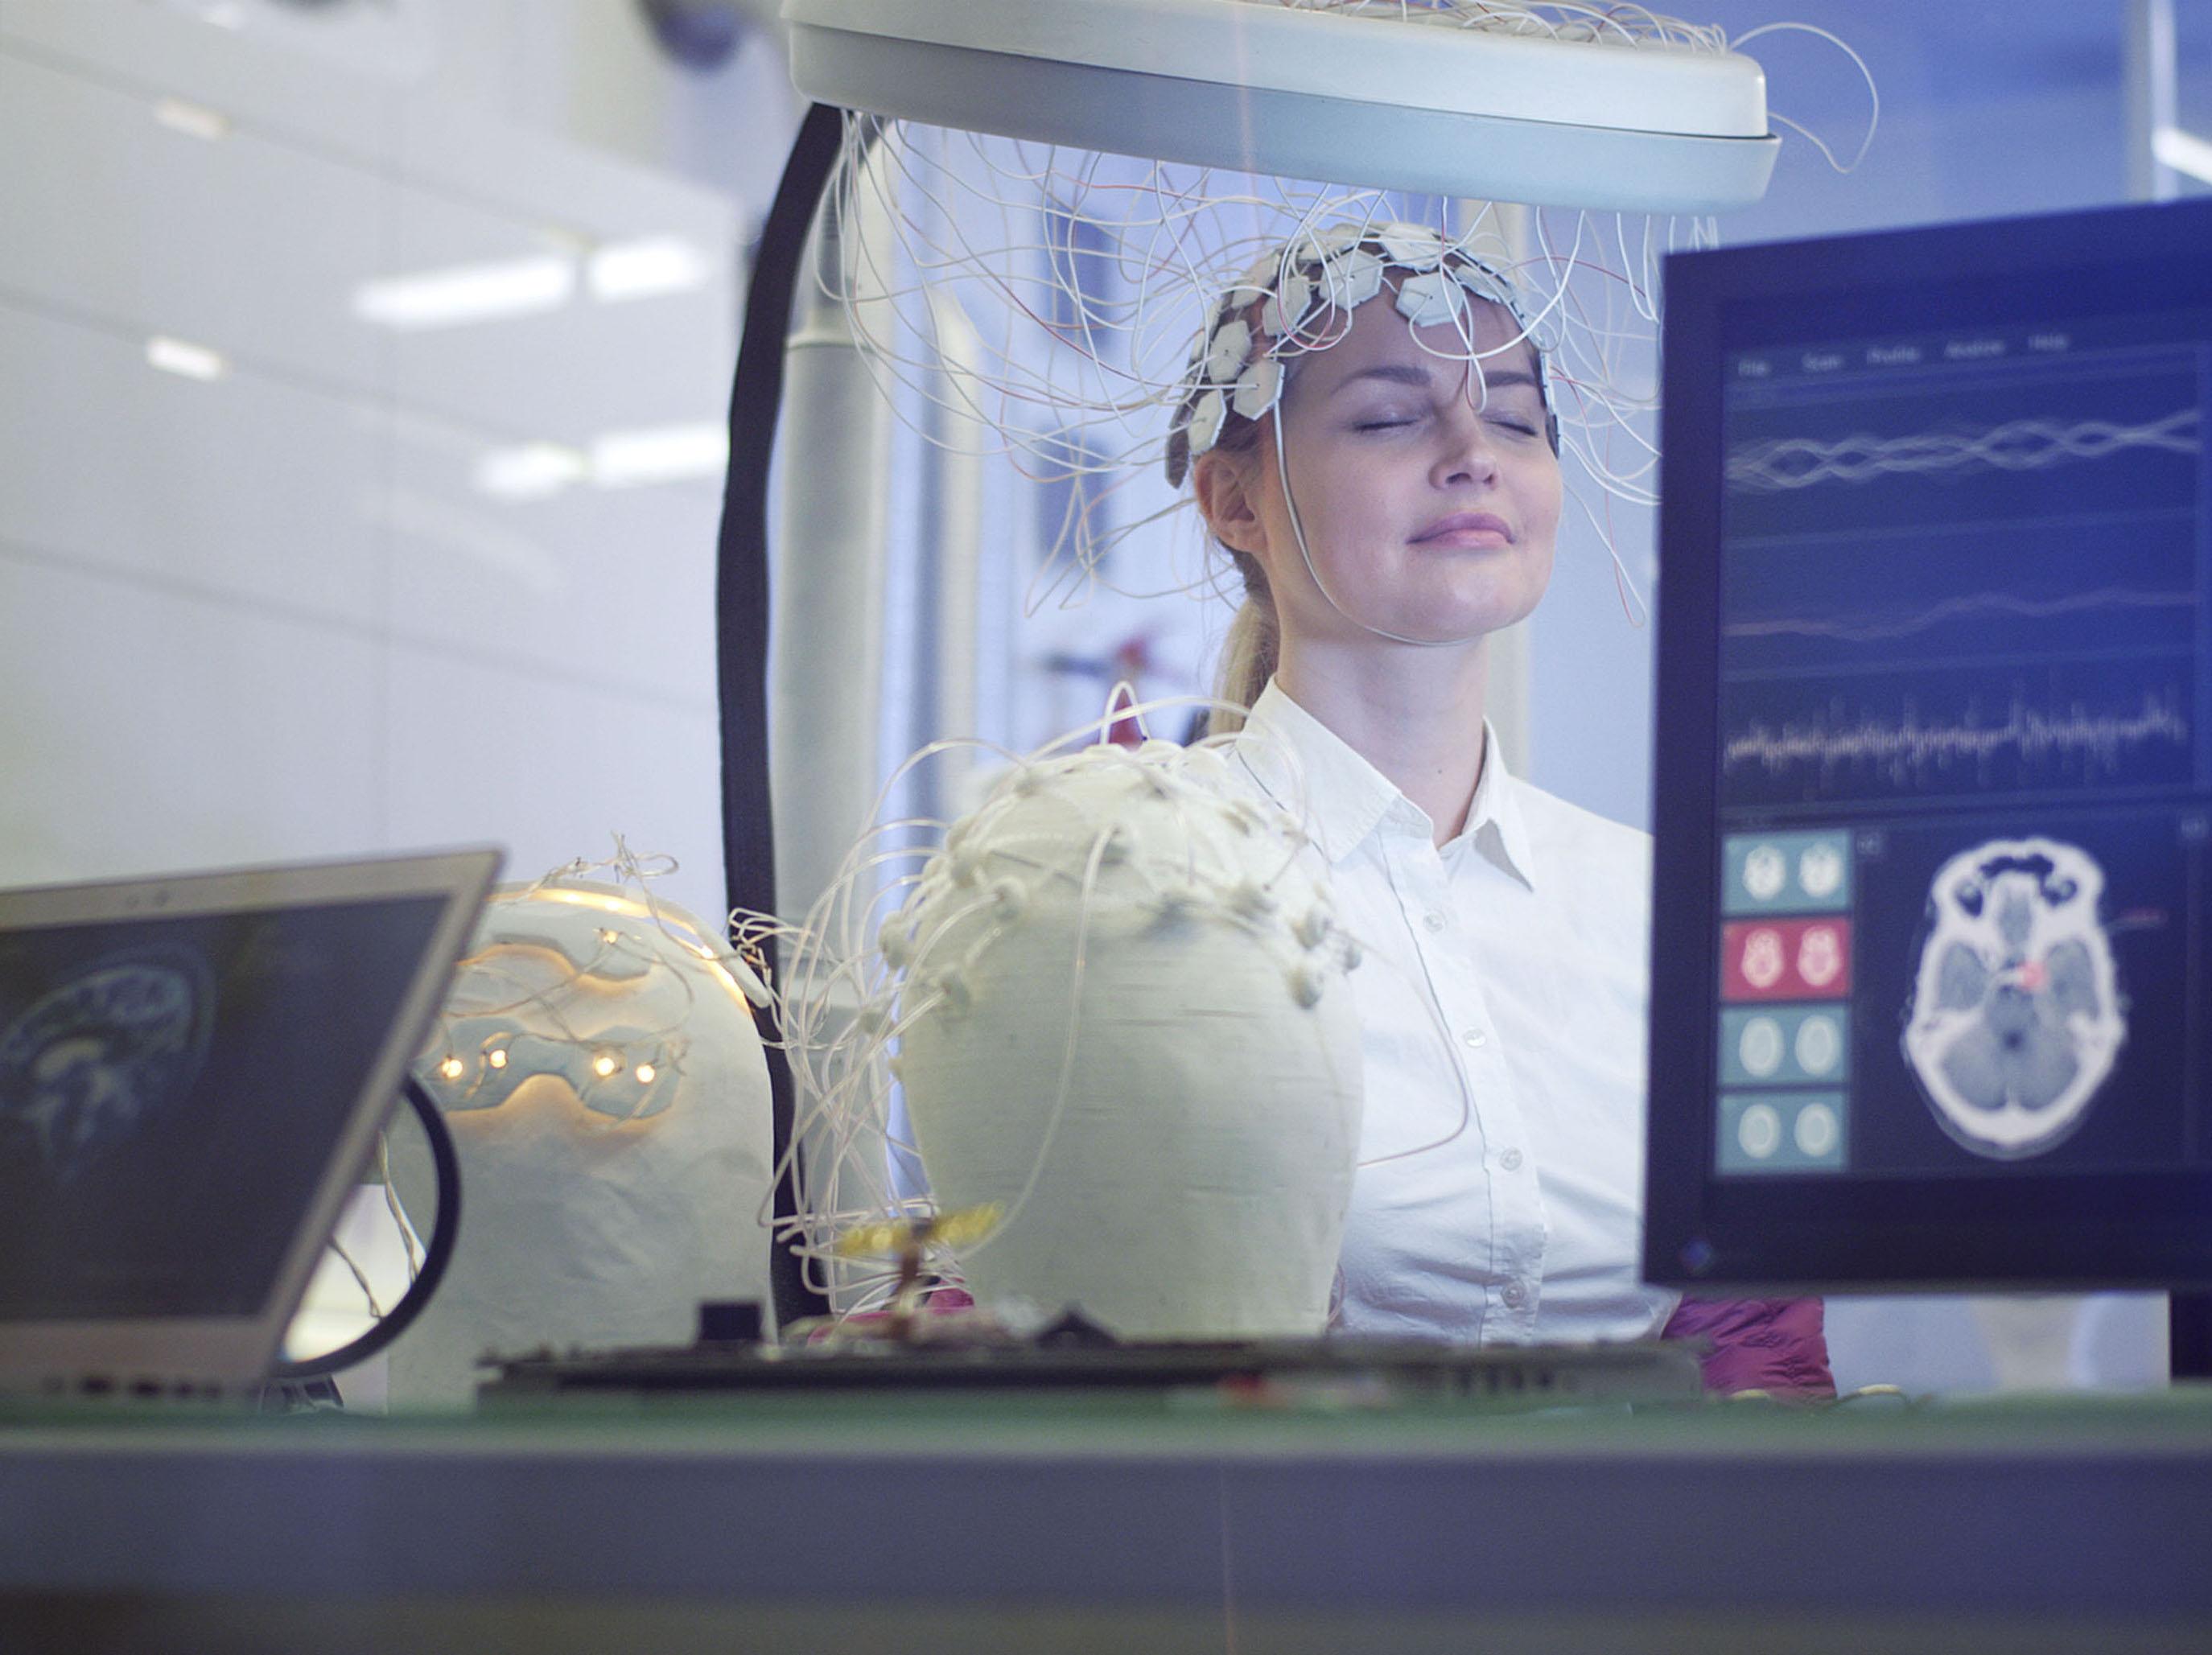 Frau trainiert Gehirn mittels Neurofeedback und hat mit Elektroden am Kopf